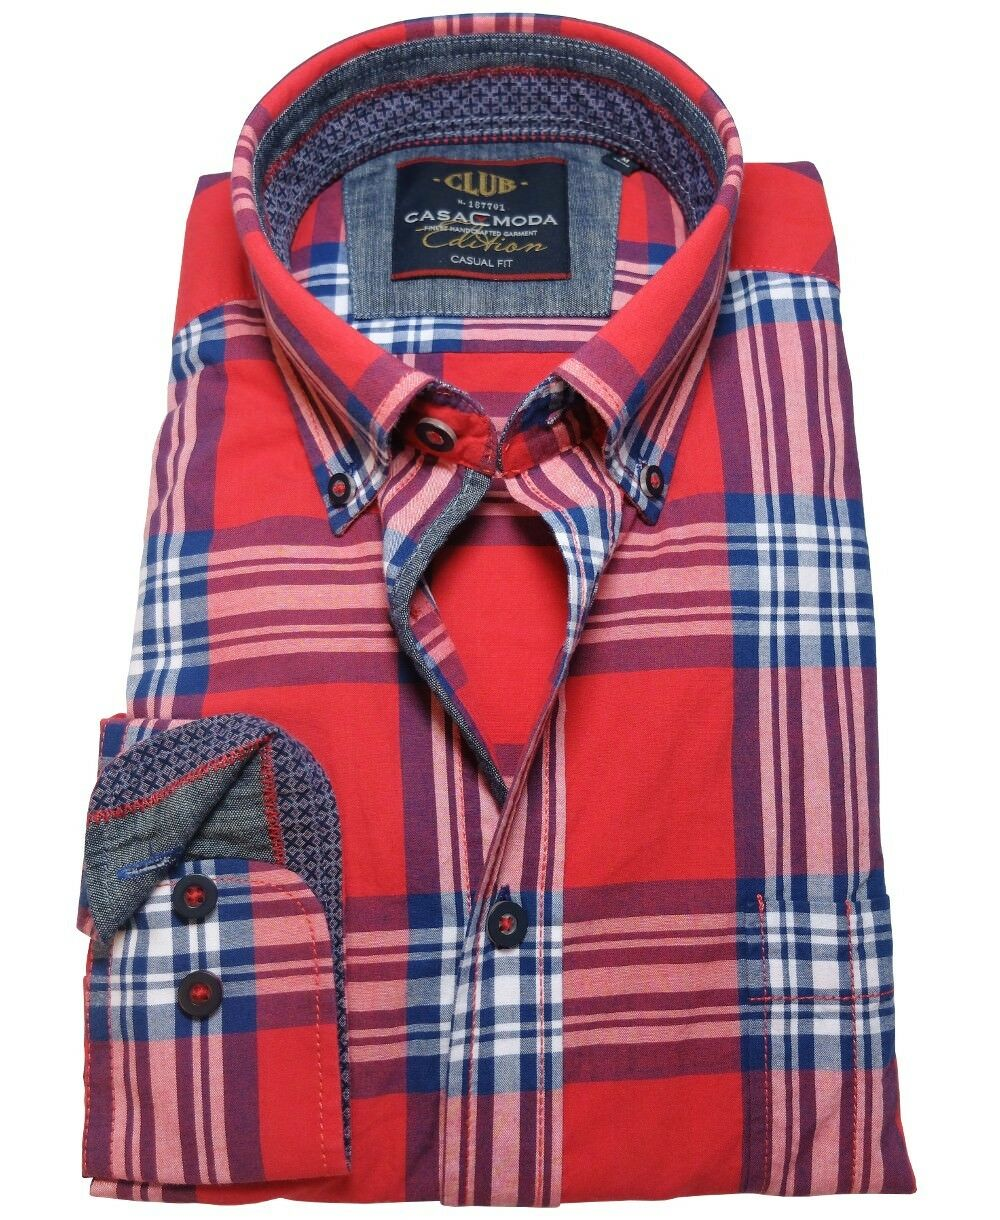 Casa Moda Casual Fit Freizeithemd Langarm Karo in red blue weiss Gr. M - 6XL